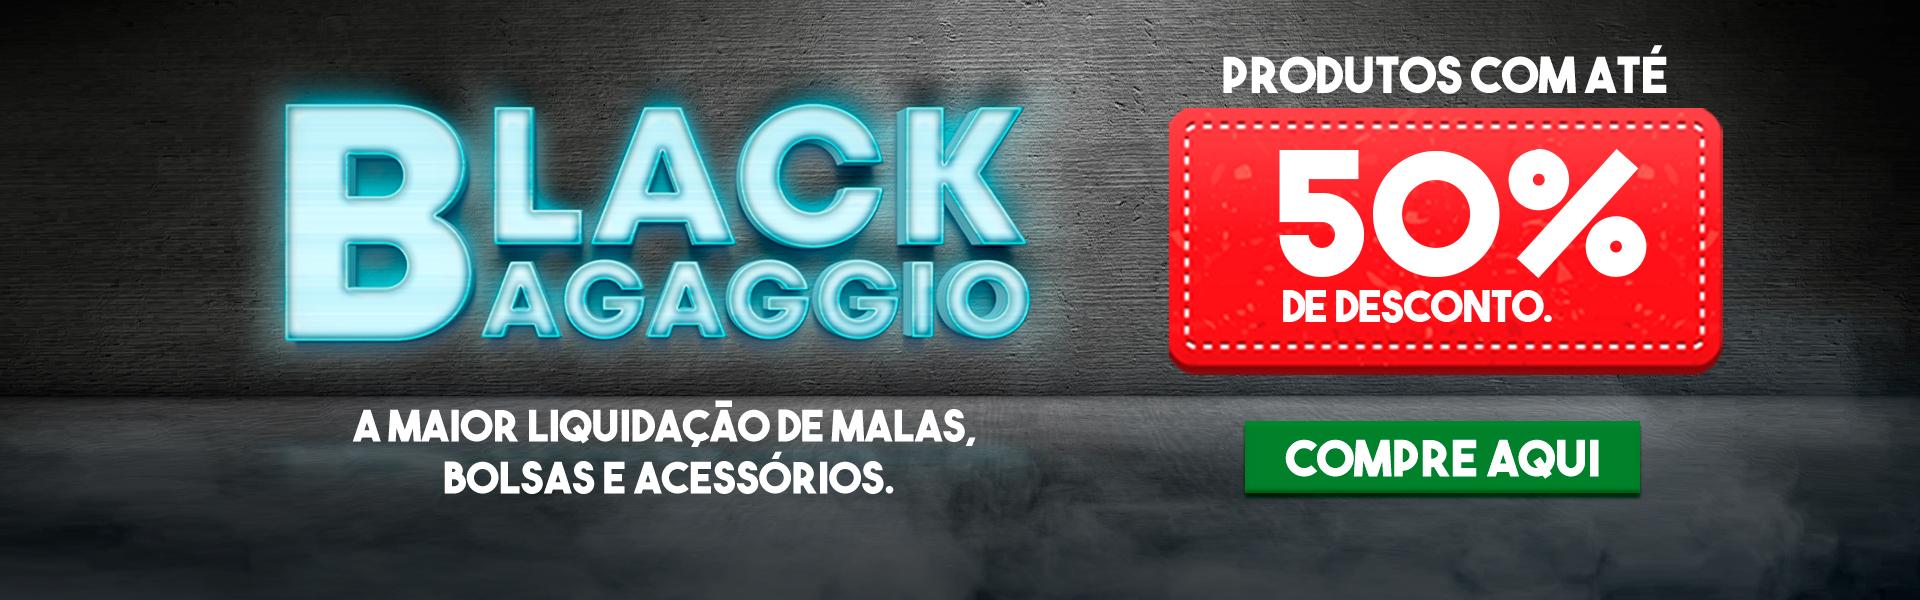 Banner Black Bagaggio